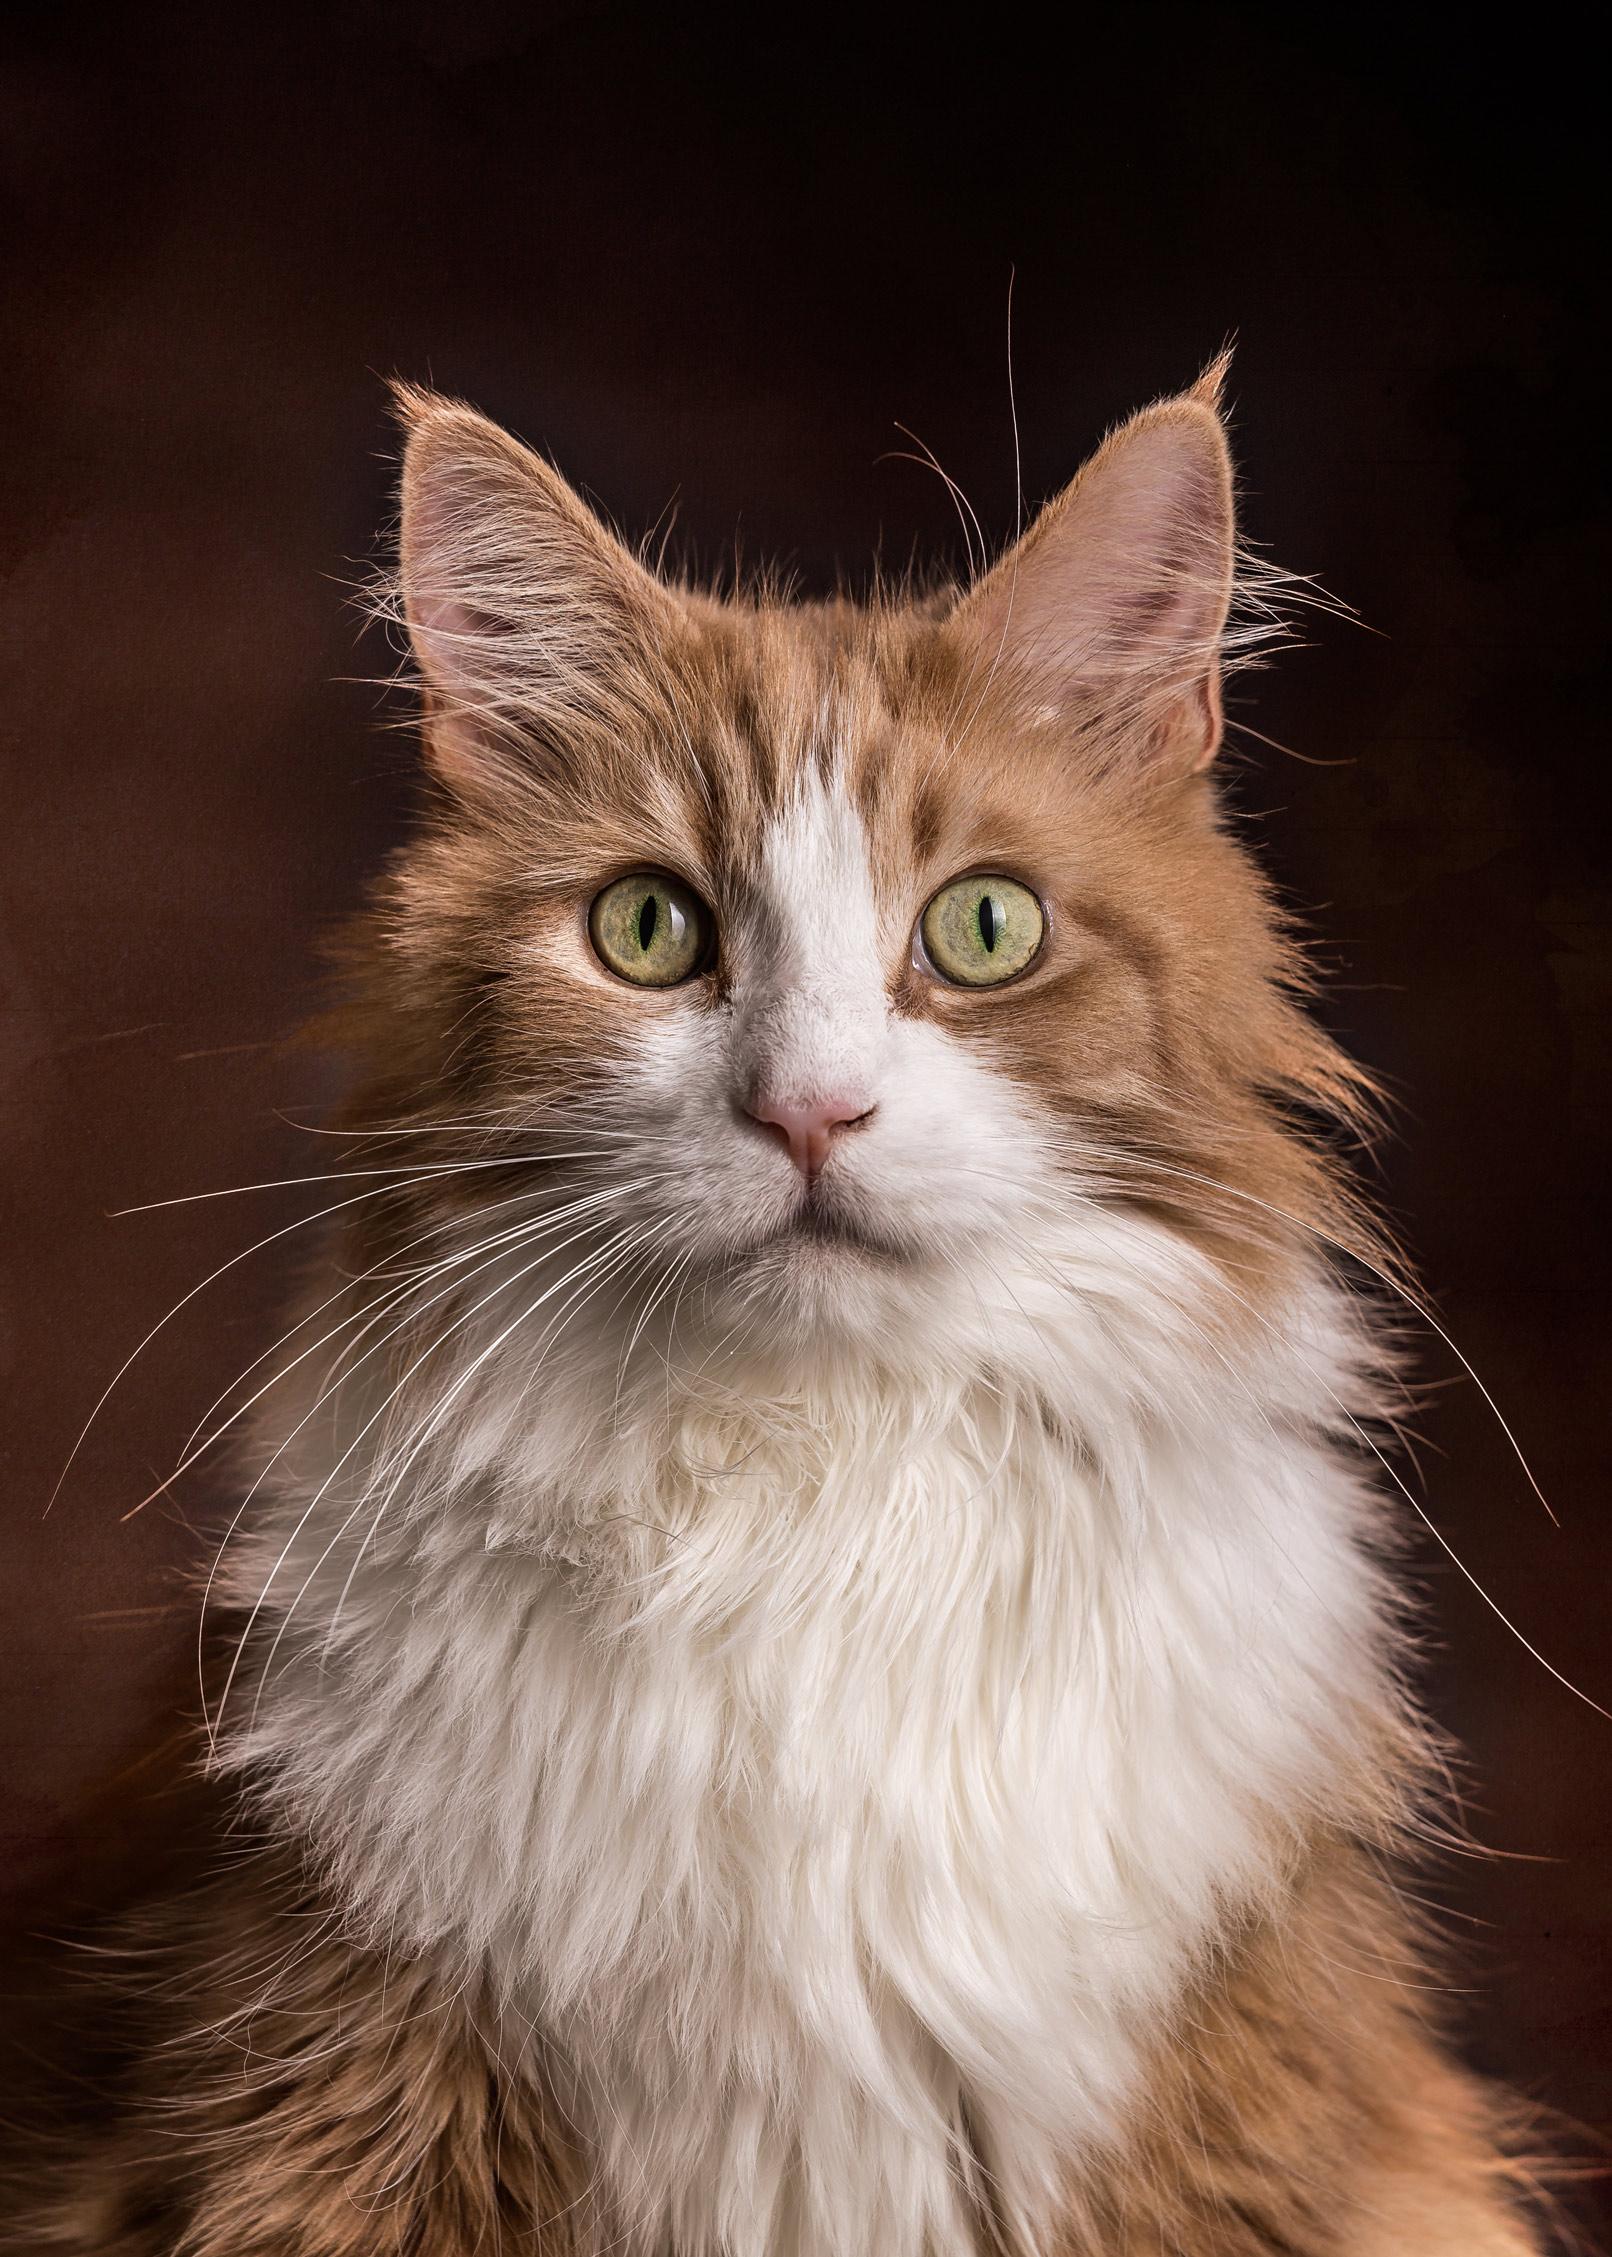 Katzen-Fotografie – Katzenportrait